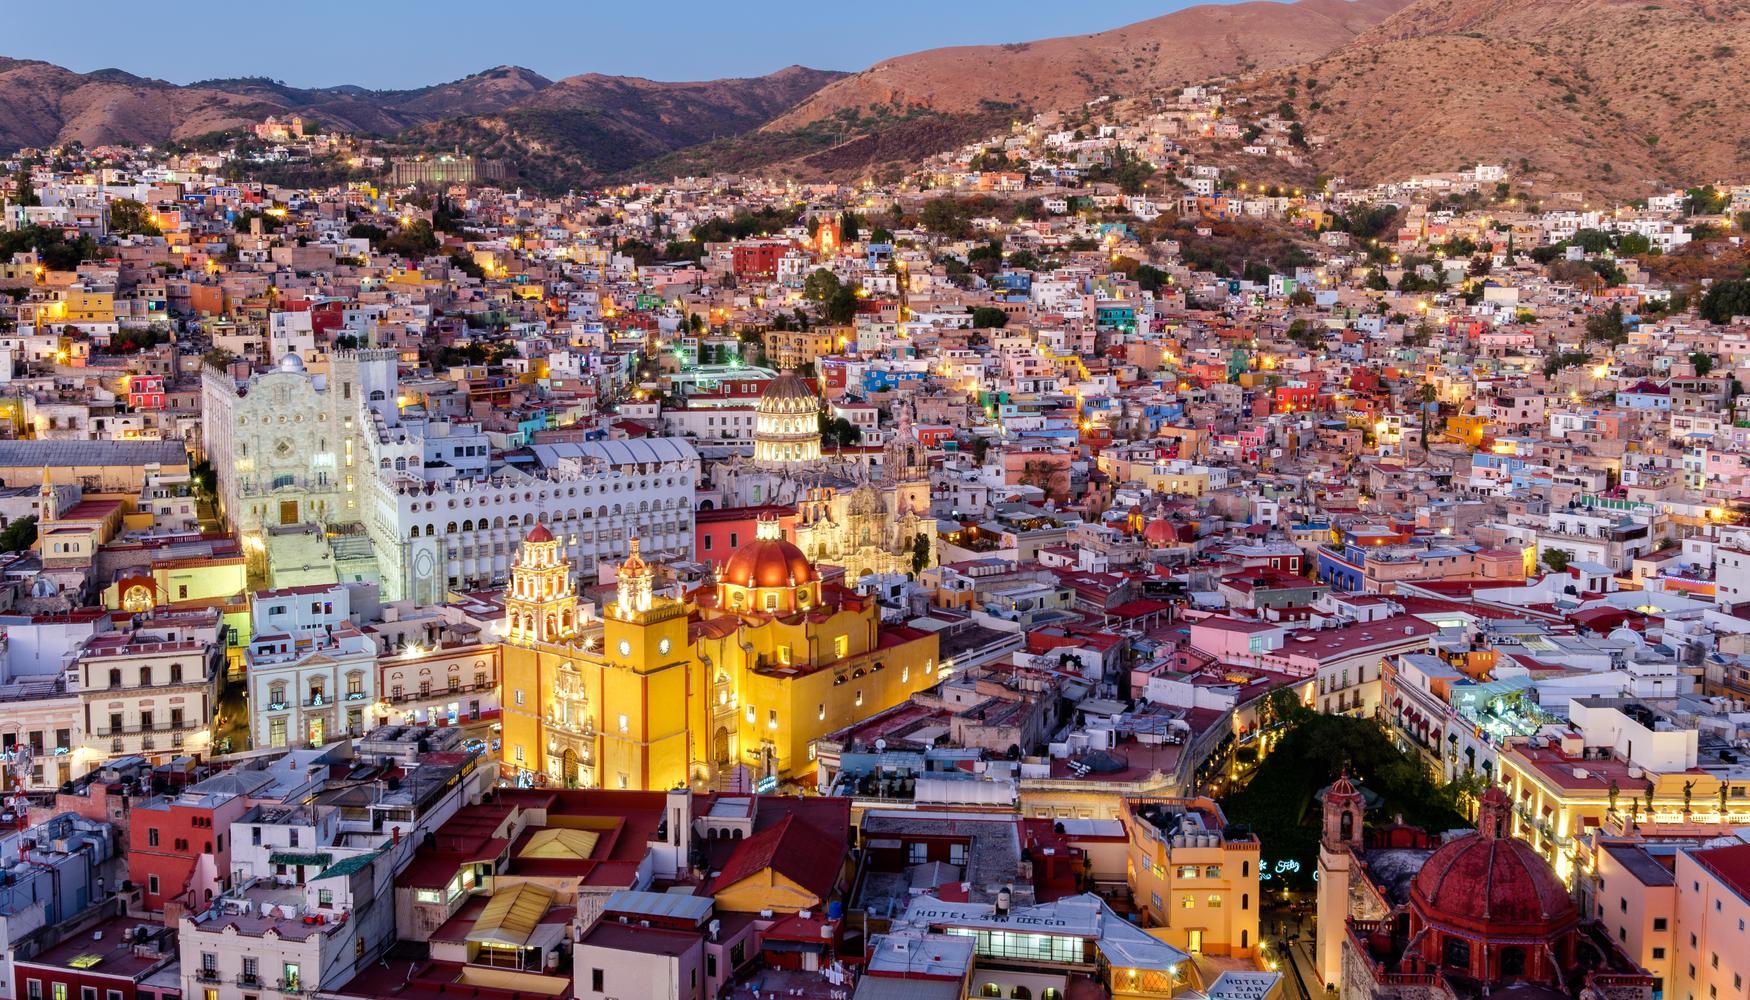 Guanajuato es uno de los centros históricos de los españoles fundado en el siglo XV.